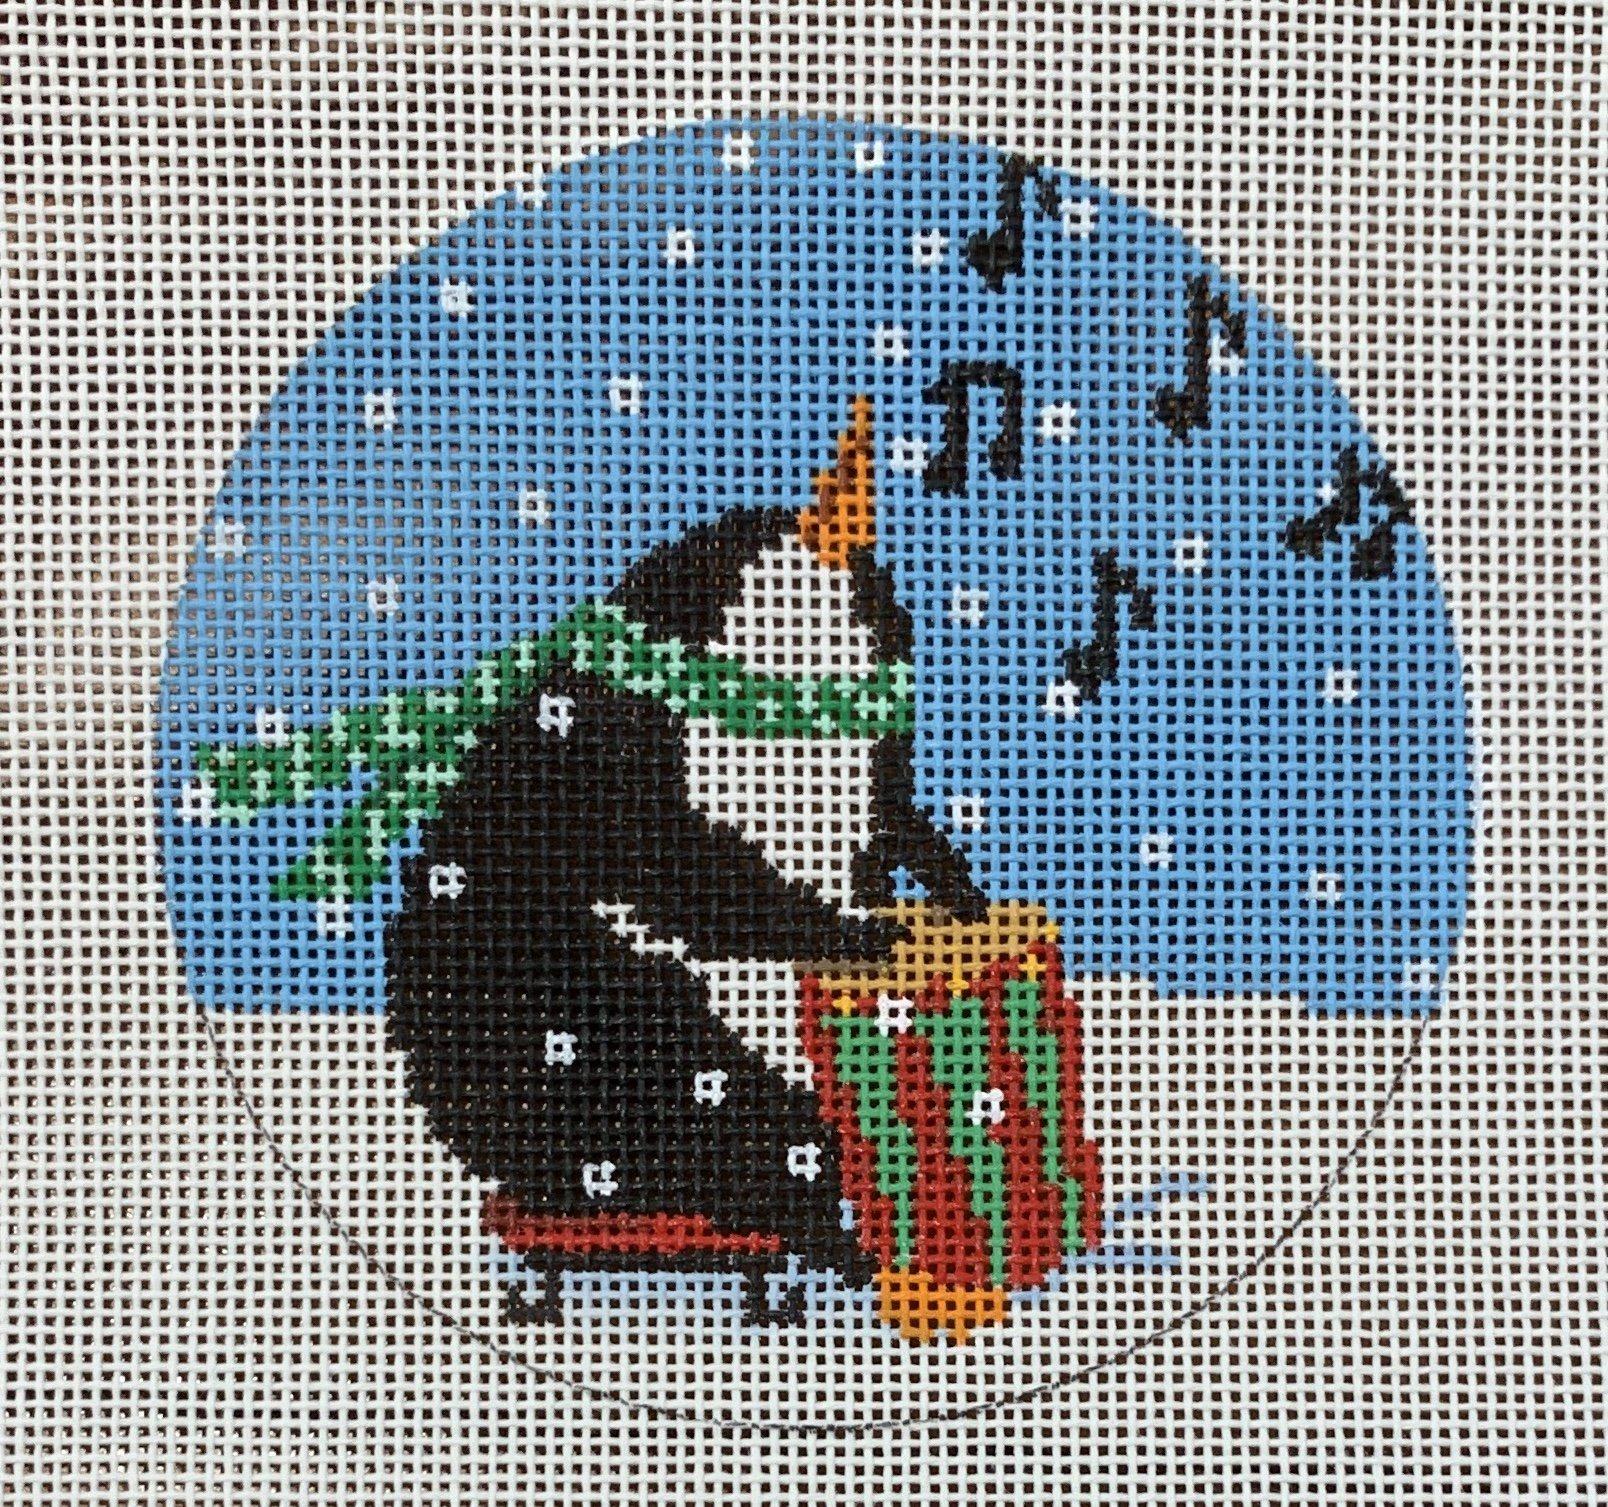 Penguin w/ Drum